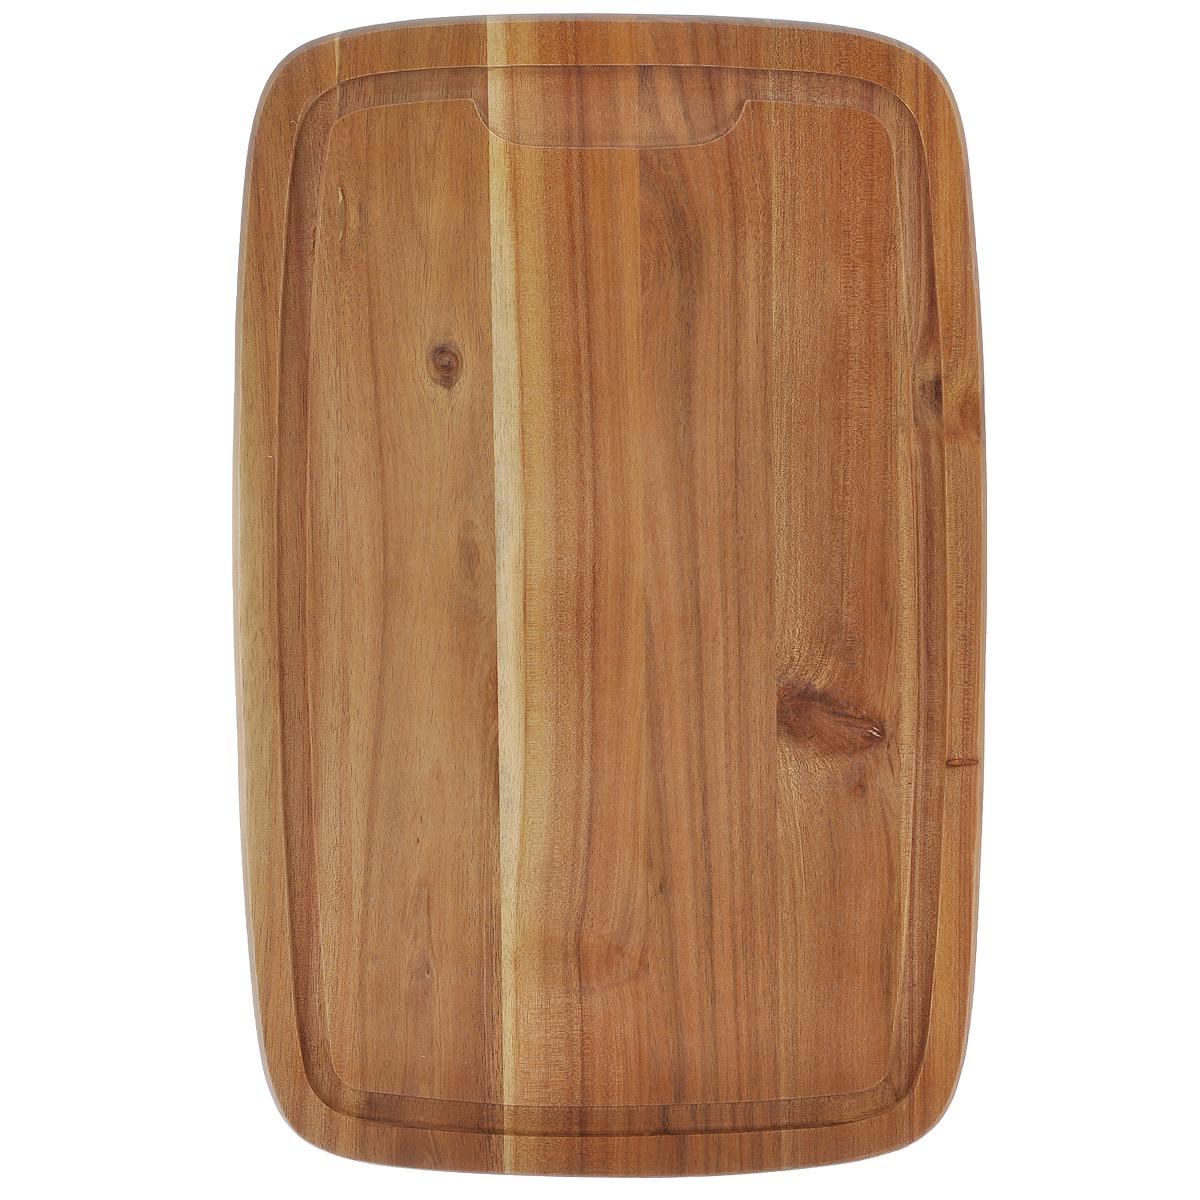 Доска разделочная Kesper, 40 х 26 см5203BHРазделочная доска Kesper изготовлена из высококачественного бамбука, обладающего антибактериальными свойствами. Бамбук - инновационный материал, идеально подходящий для разделочных досок. Доски из бамбука обладают высокой плотностью, а также устойчивы к механическим воздействиям. Наличие канавки по краю изделия поможет предотвратить вытекание сока от продуктов за пределы доски.Функциональные и простые в использовании, разделочные доски Kesper прекрасно впишутся в интерьер любой кухни и прослужат вам долгие годы.